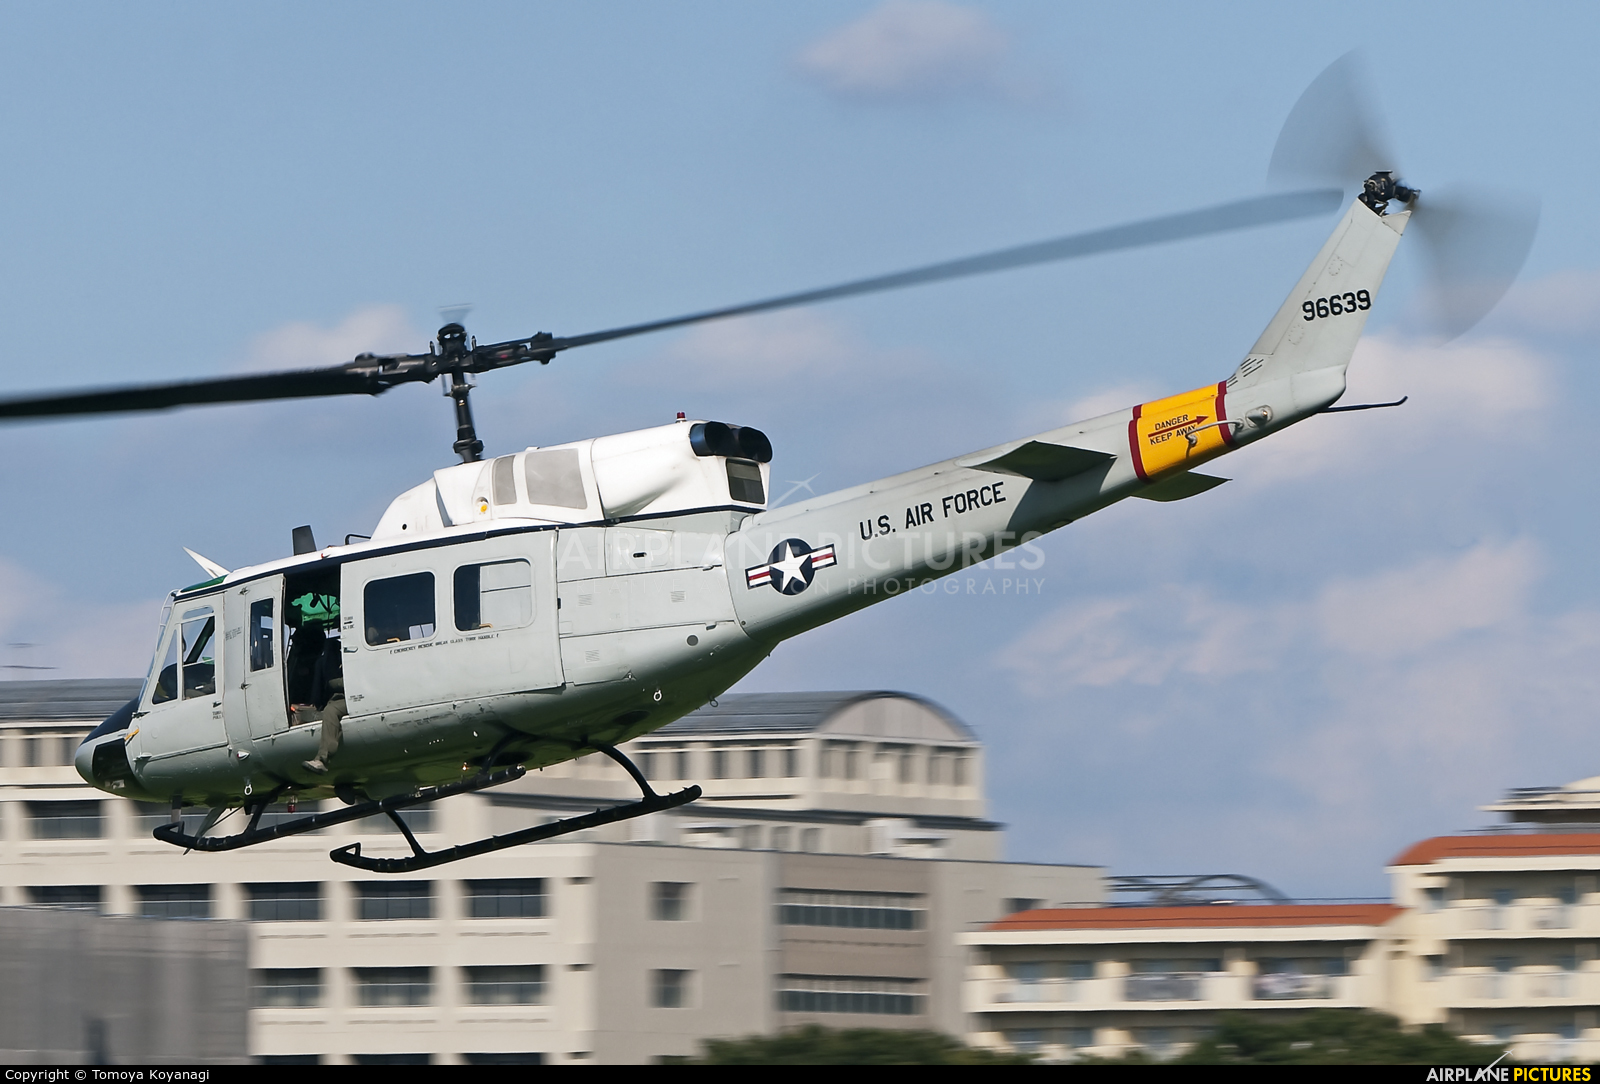 USA - Air Force 69-6639 aircraft at Tachikawa